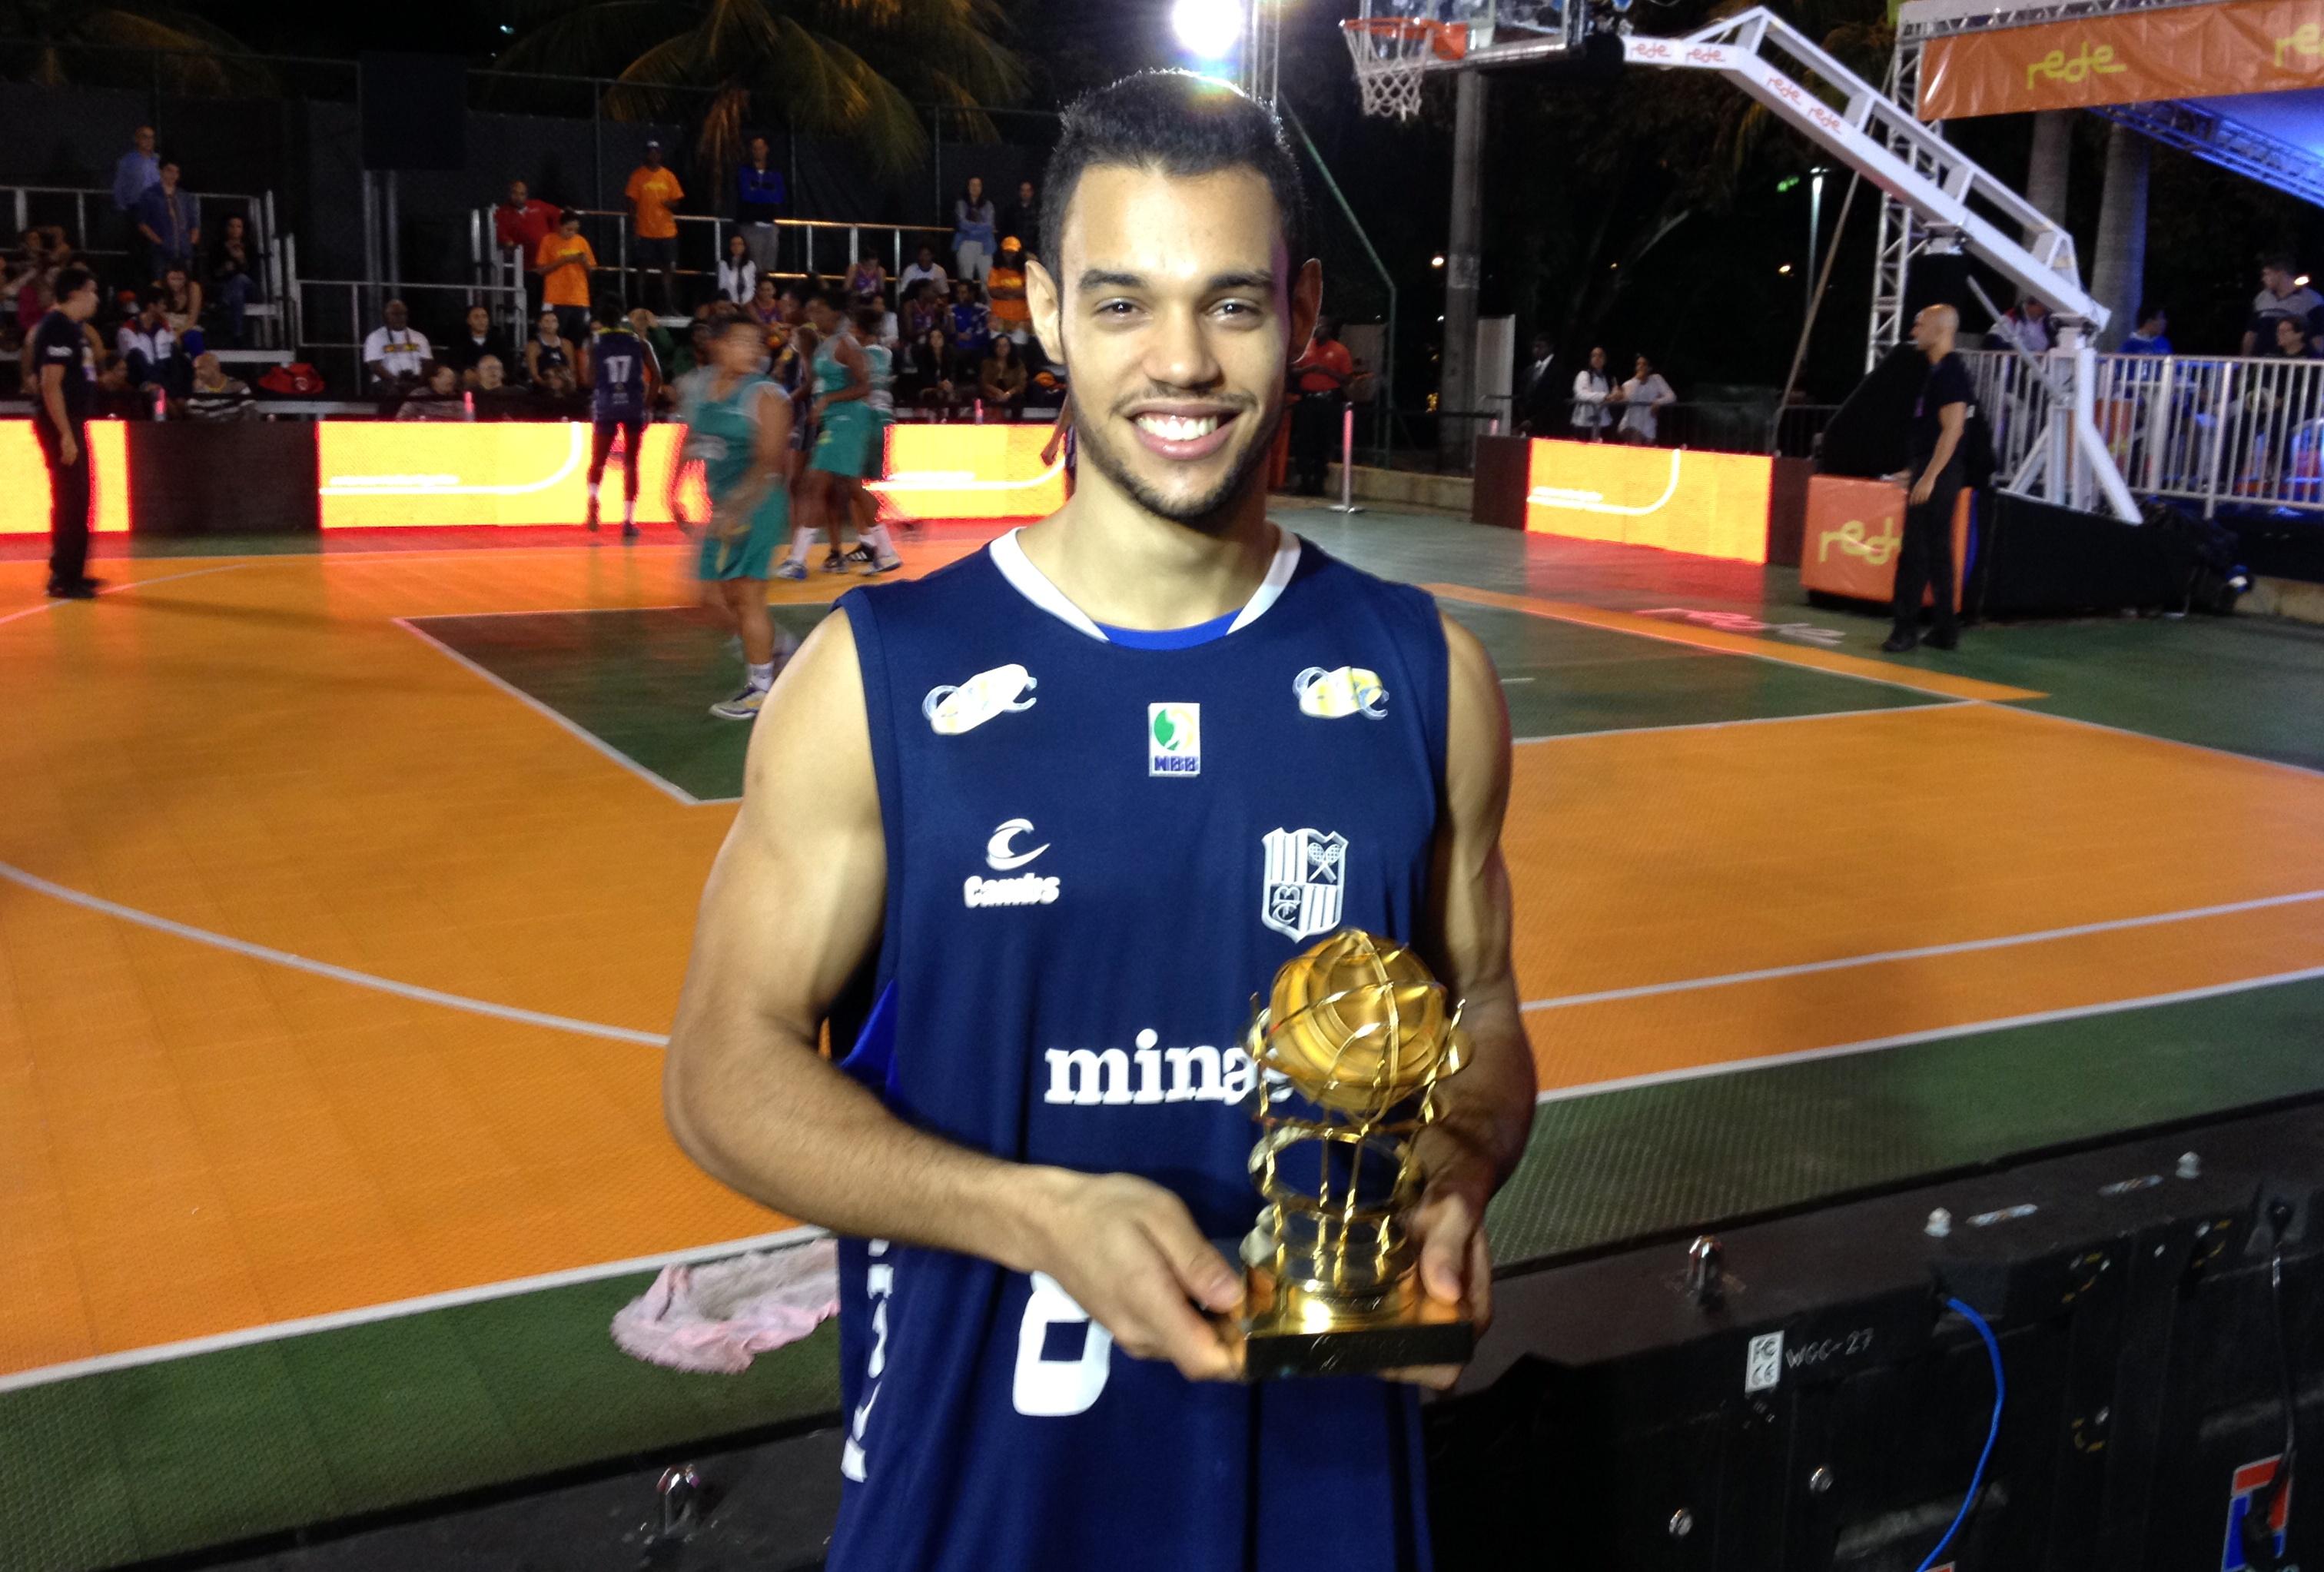 Durante o Desafio das Ligas 3x3, Coelho, de 21 anos, recebeu o troféu de Destaque Jovem do NBB6 (Divulgação/LNB)